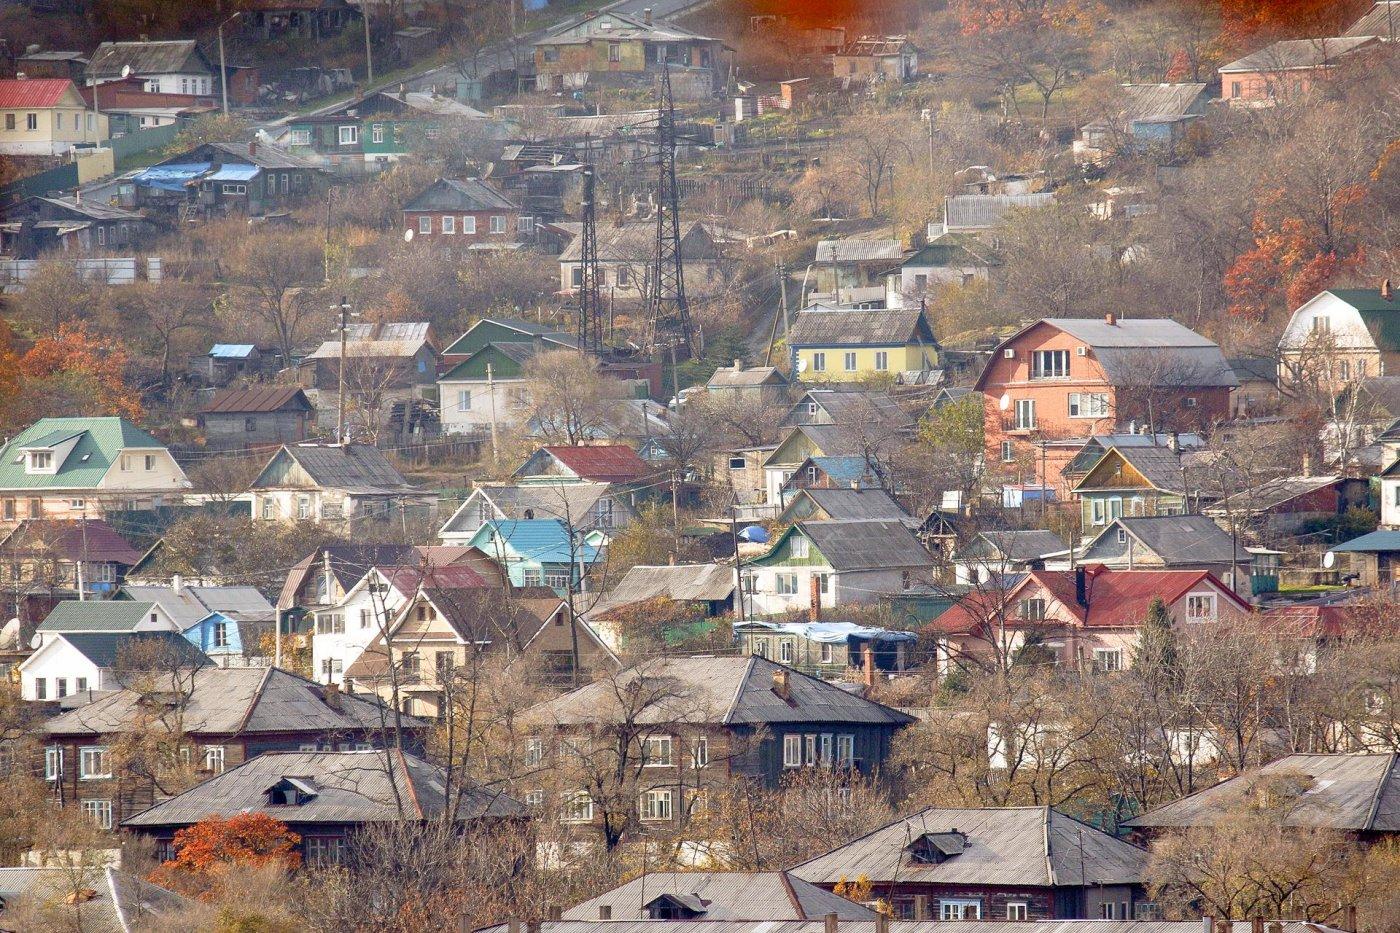 Фото 8710 (Copy).jpg. Россия, Приморский край, город Находка, Unnamed Road